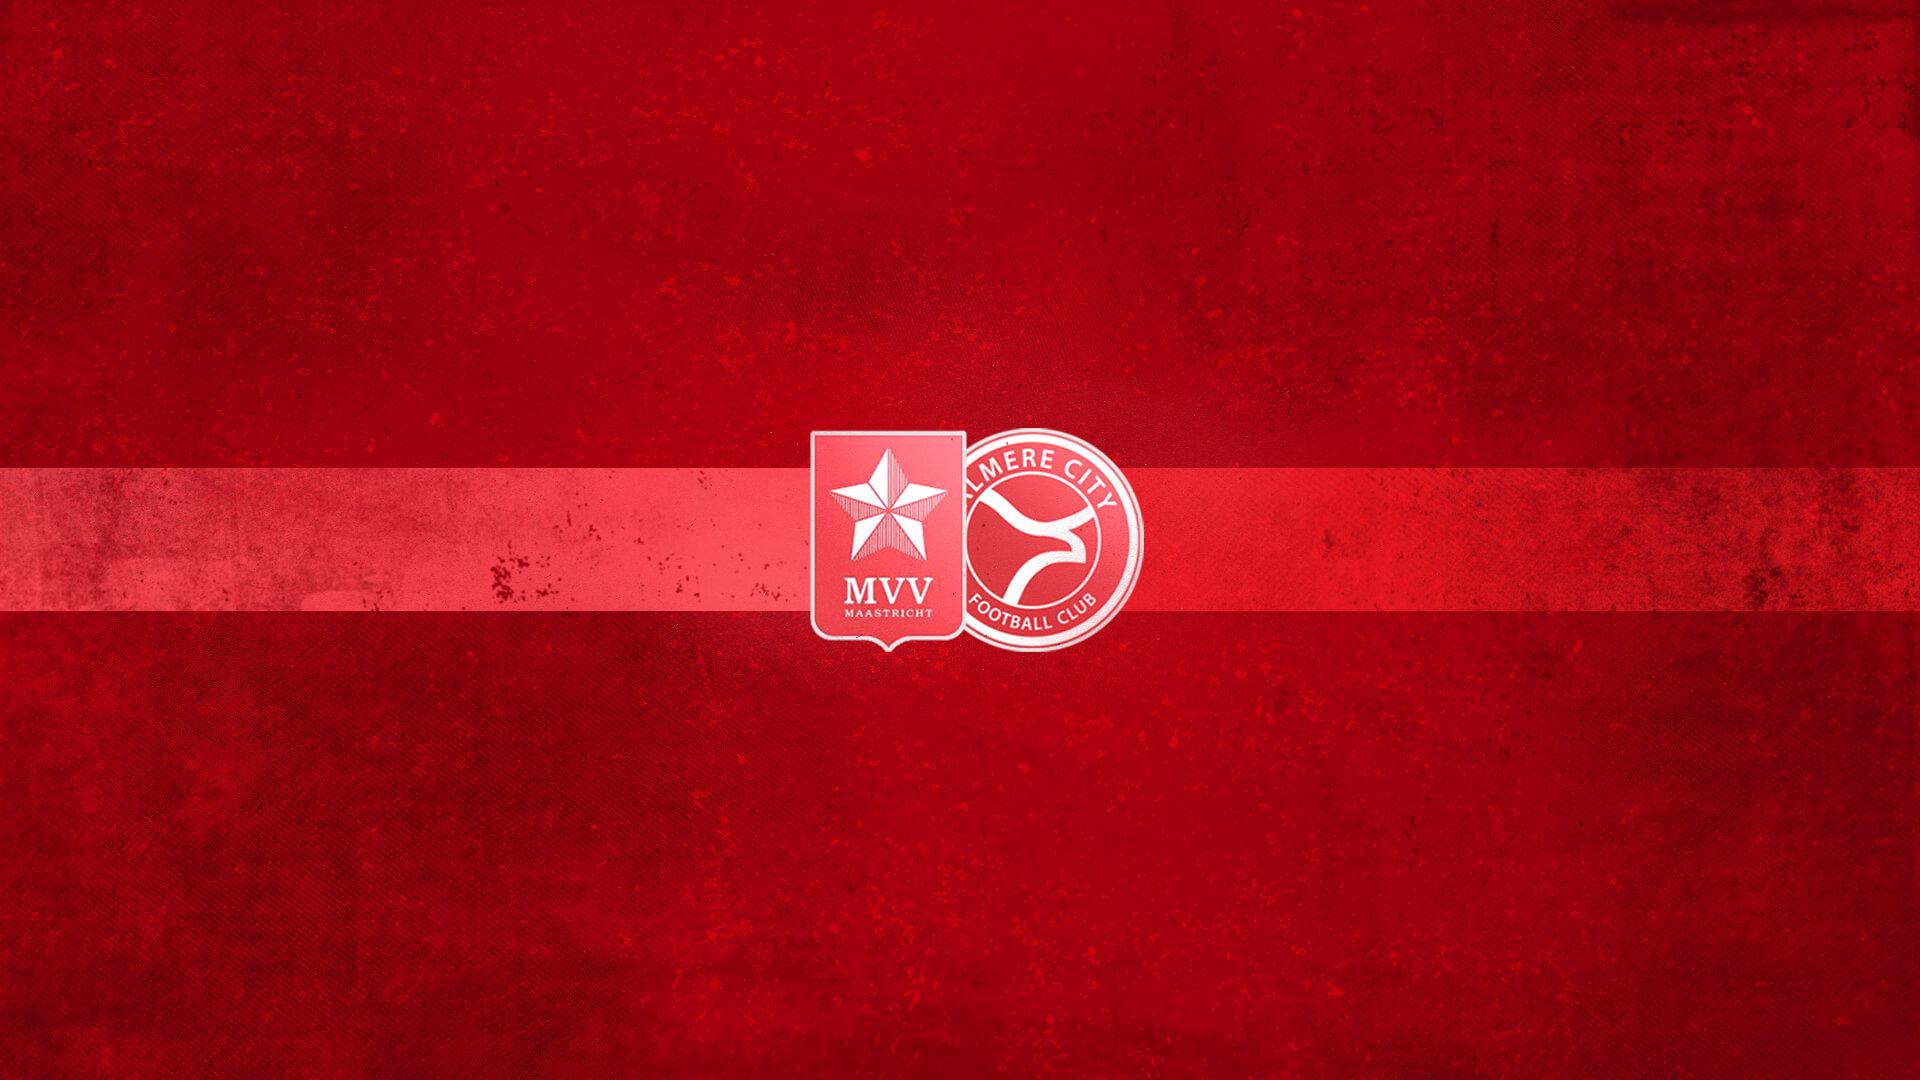 Voorbeschouwing: Tobiassen aan het roer tegen MVV na ontslag Santoni